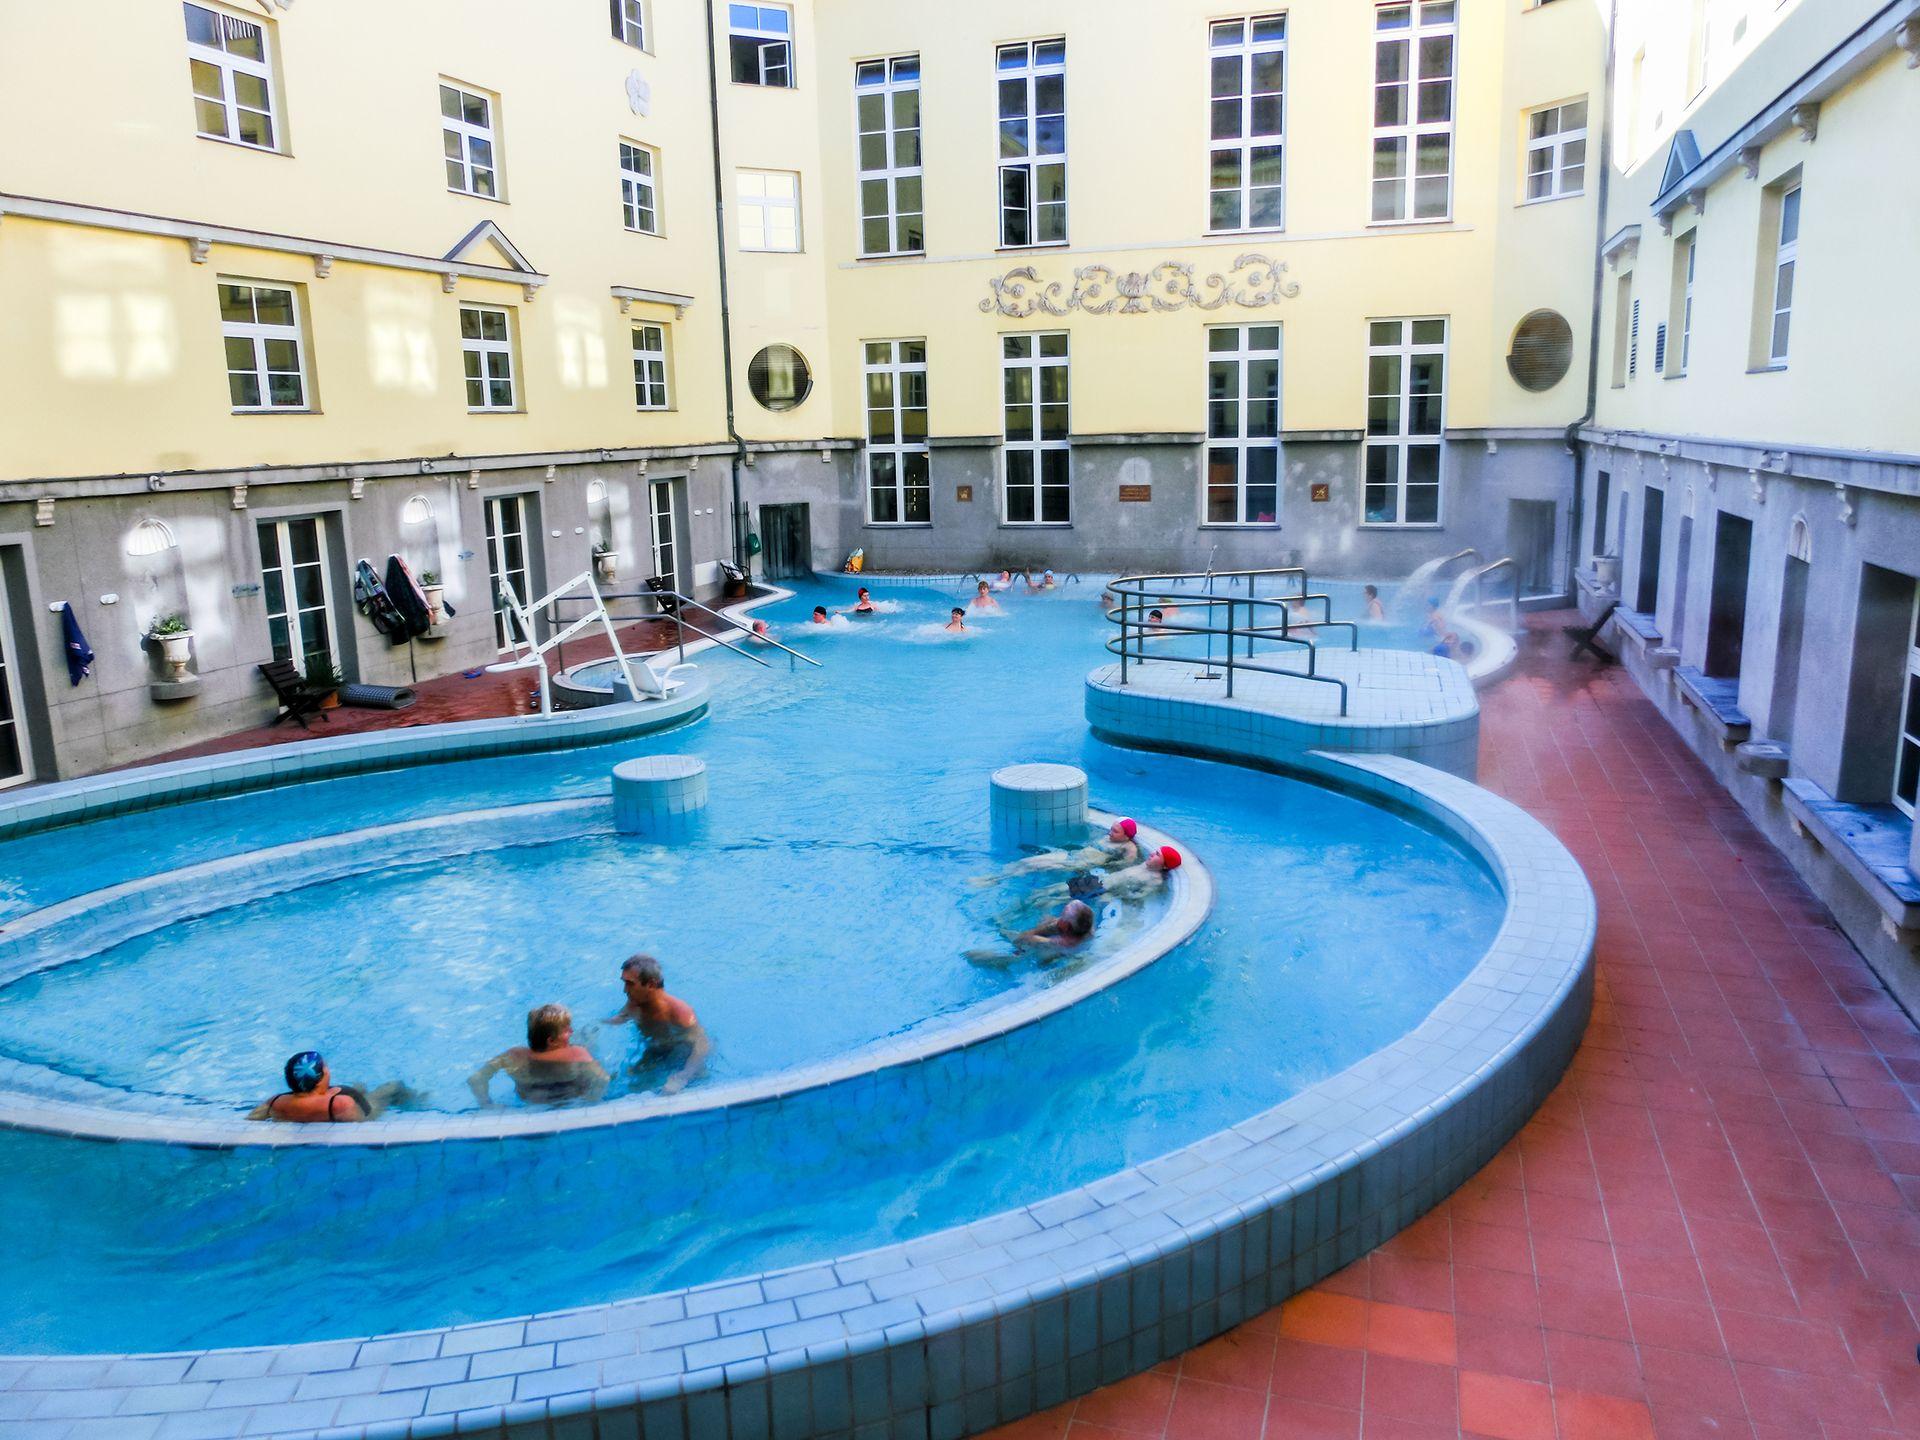 Λουτρά Λούκατς, (Lukaks baths), Βουδαπέστη, Ουγγαρία, Ευρώπη